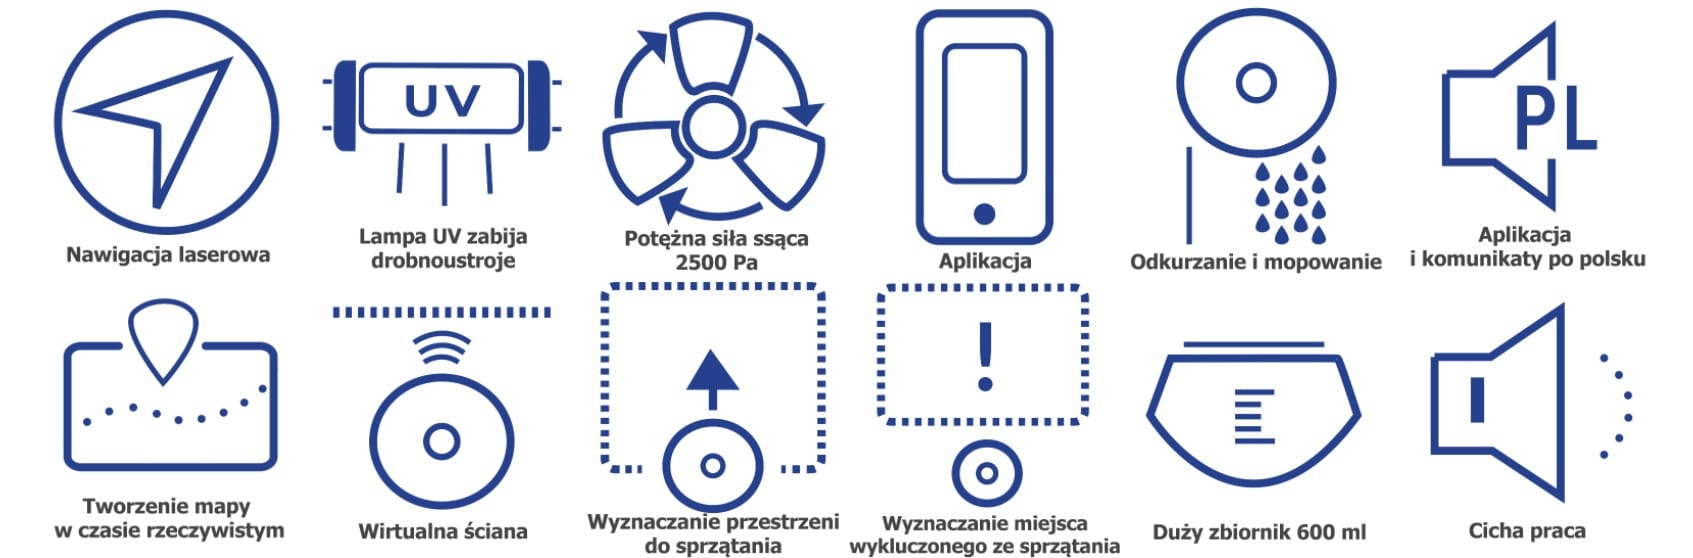 PURON PR10 infografika z głównymi cechami i funkcjami